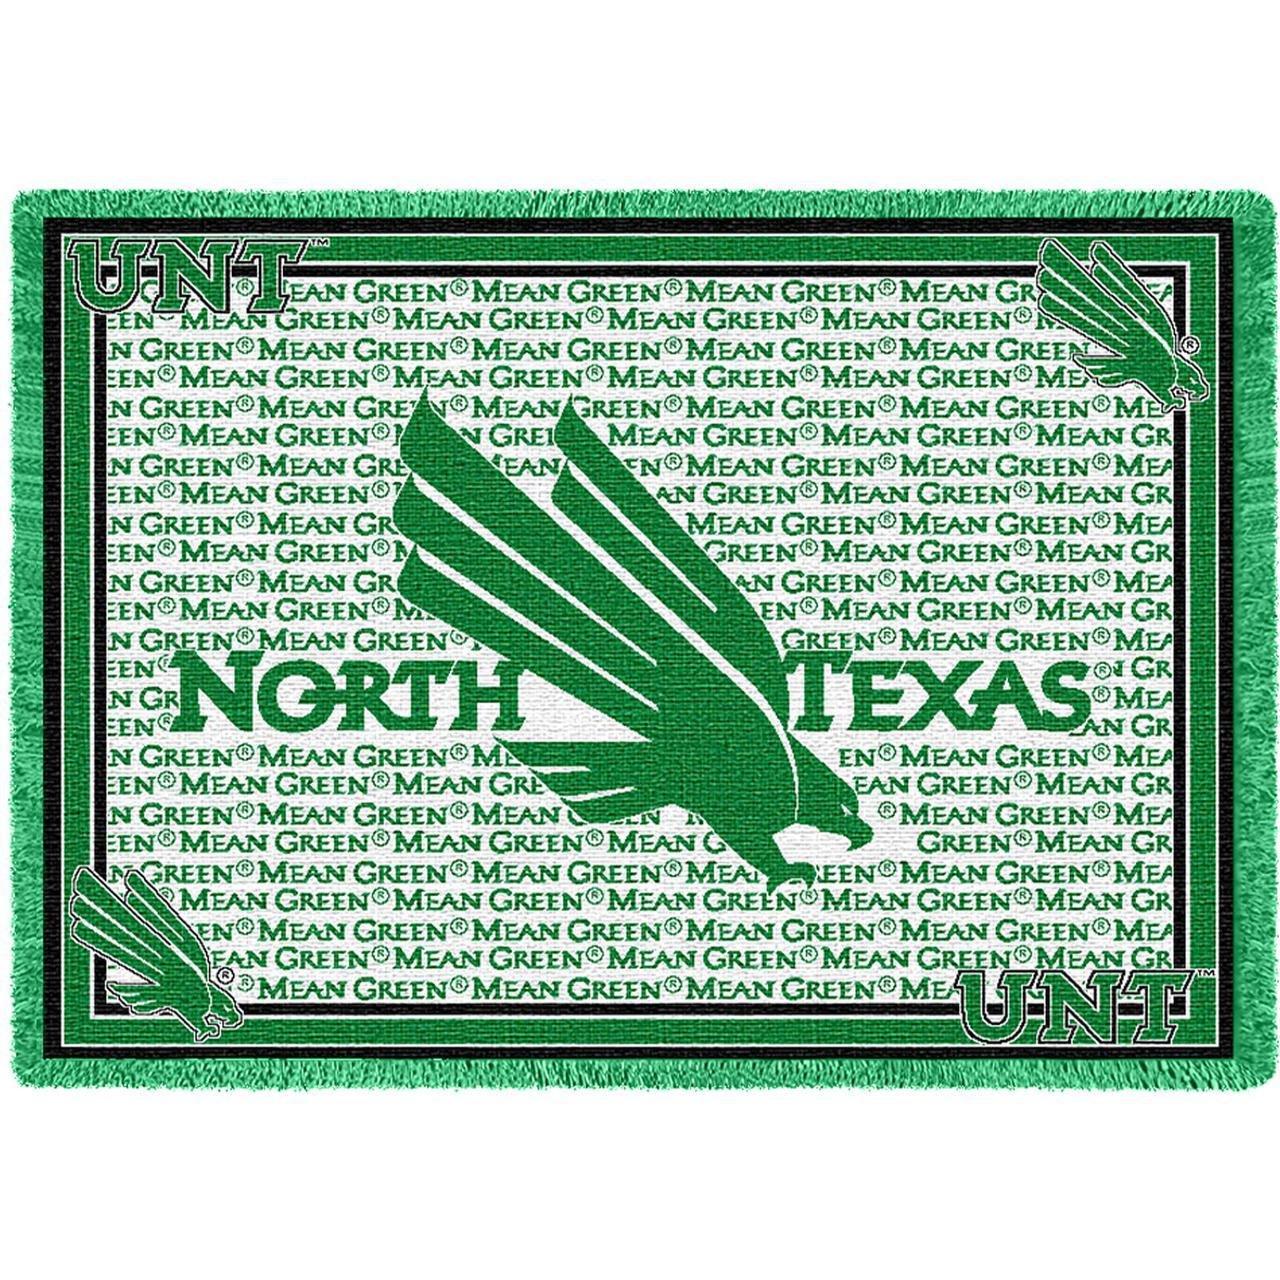 University of North Texas Mean Green 2 Stadiumブランケット、48インチ高by 69インチ、とはWovenから100 %コットン。 B014V7IL4Y